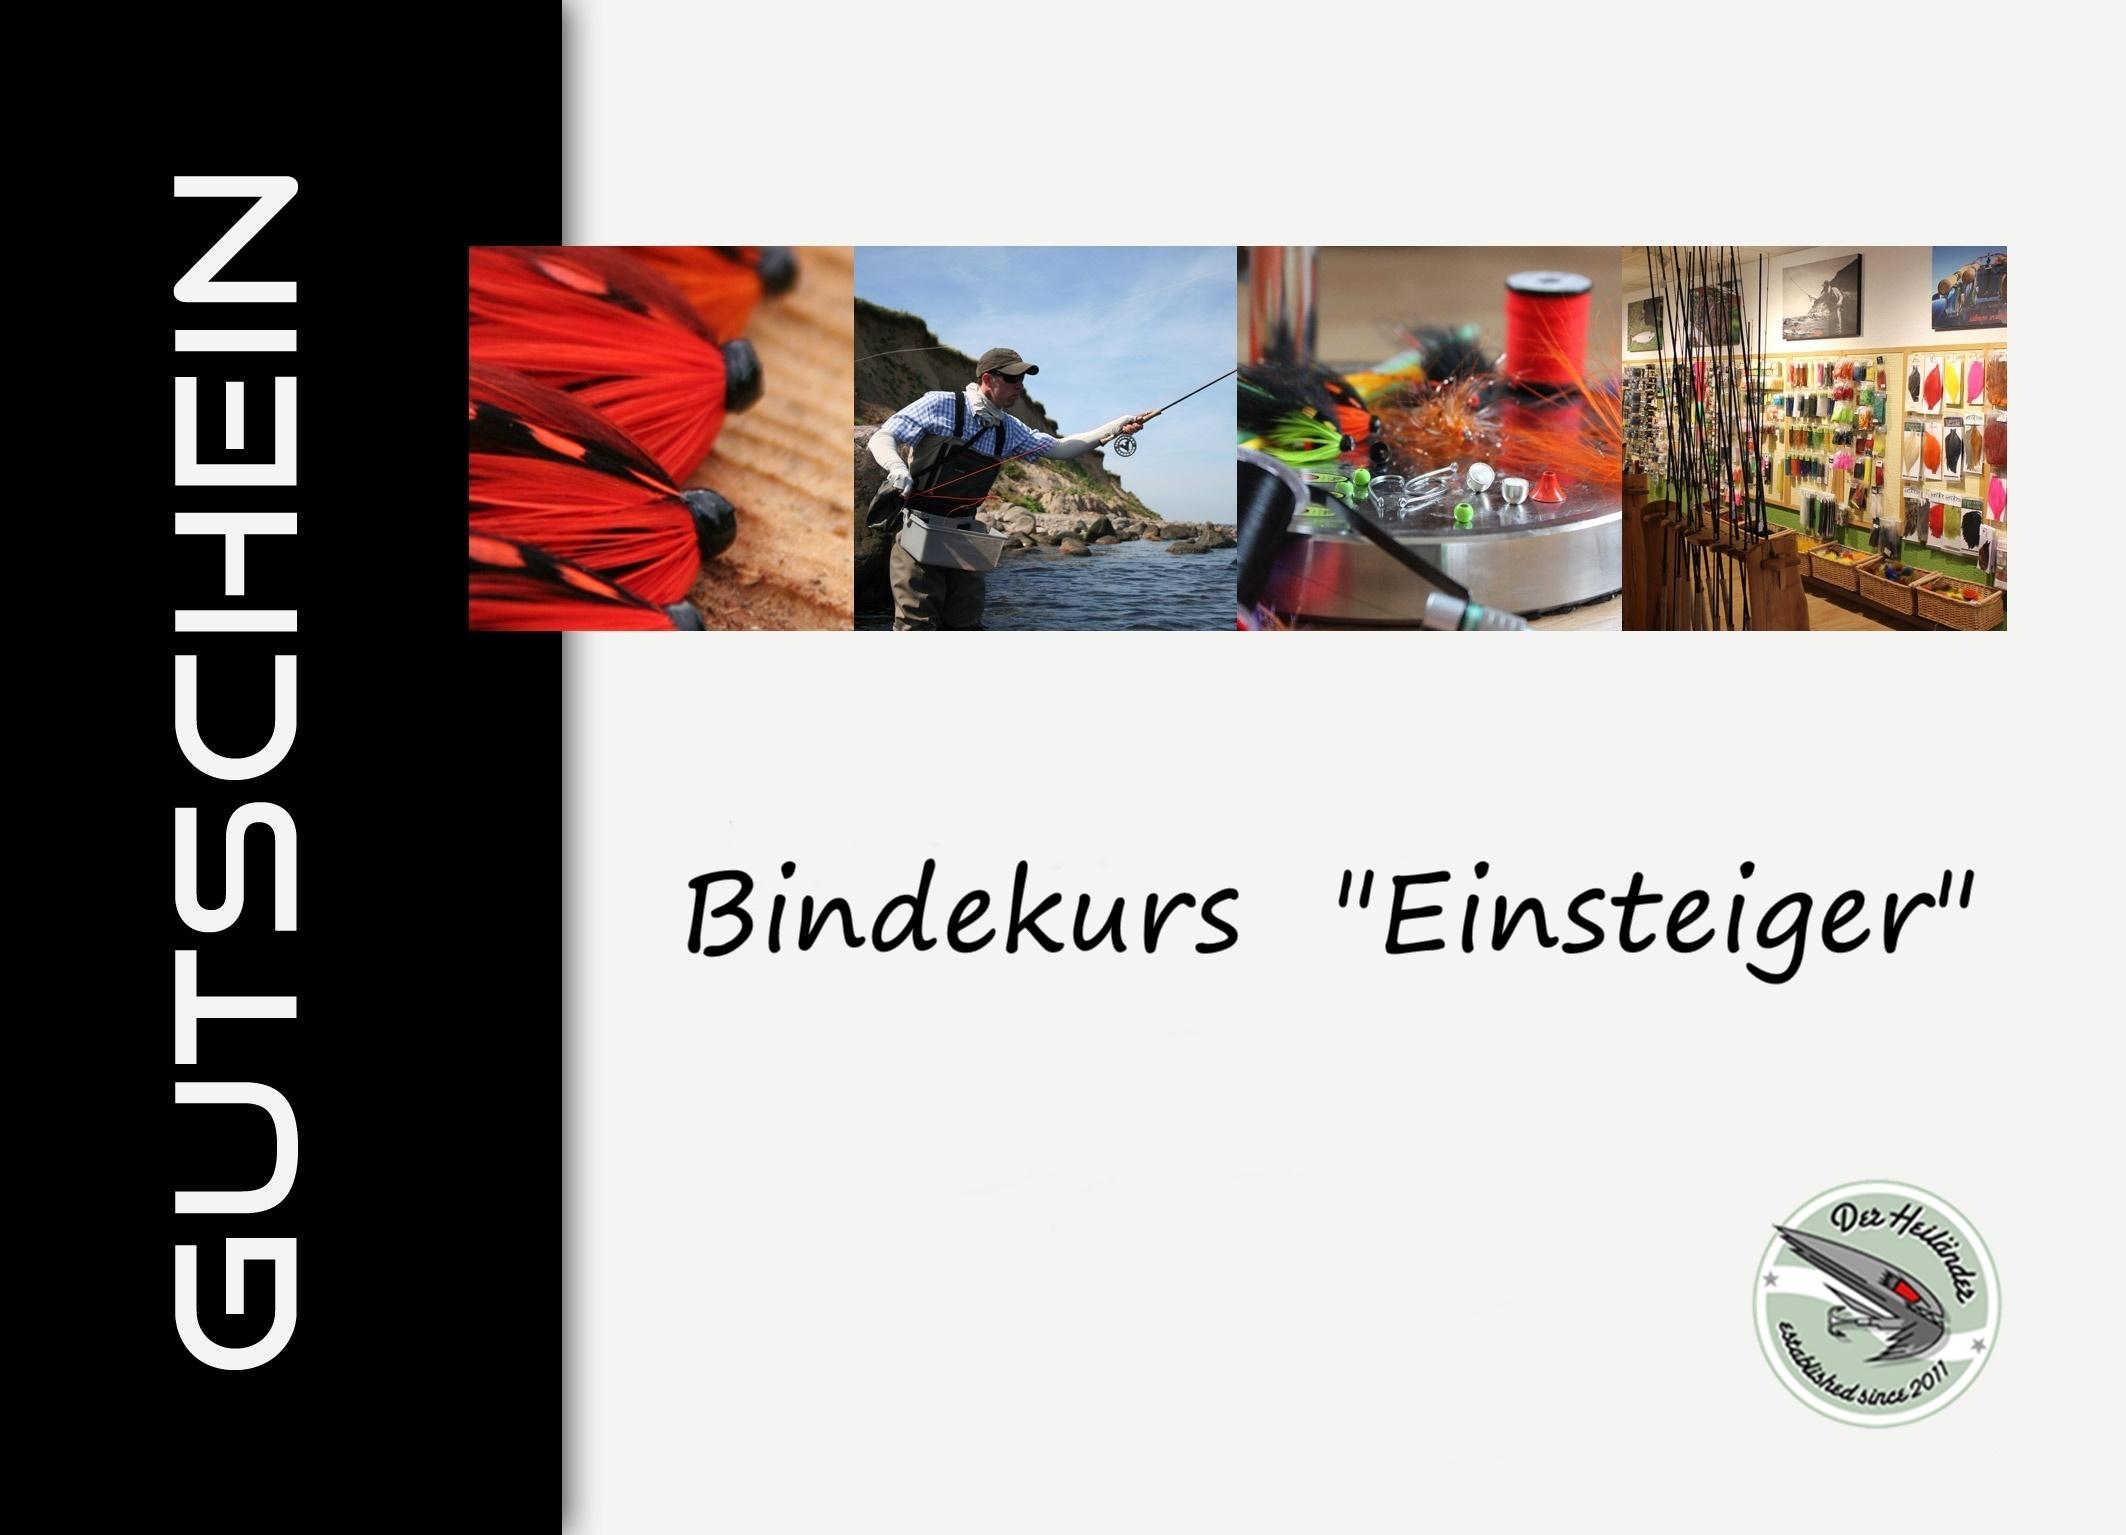 Bindekurs Gutscheine Einsteiger - Der Heiländer